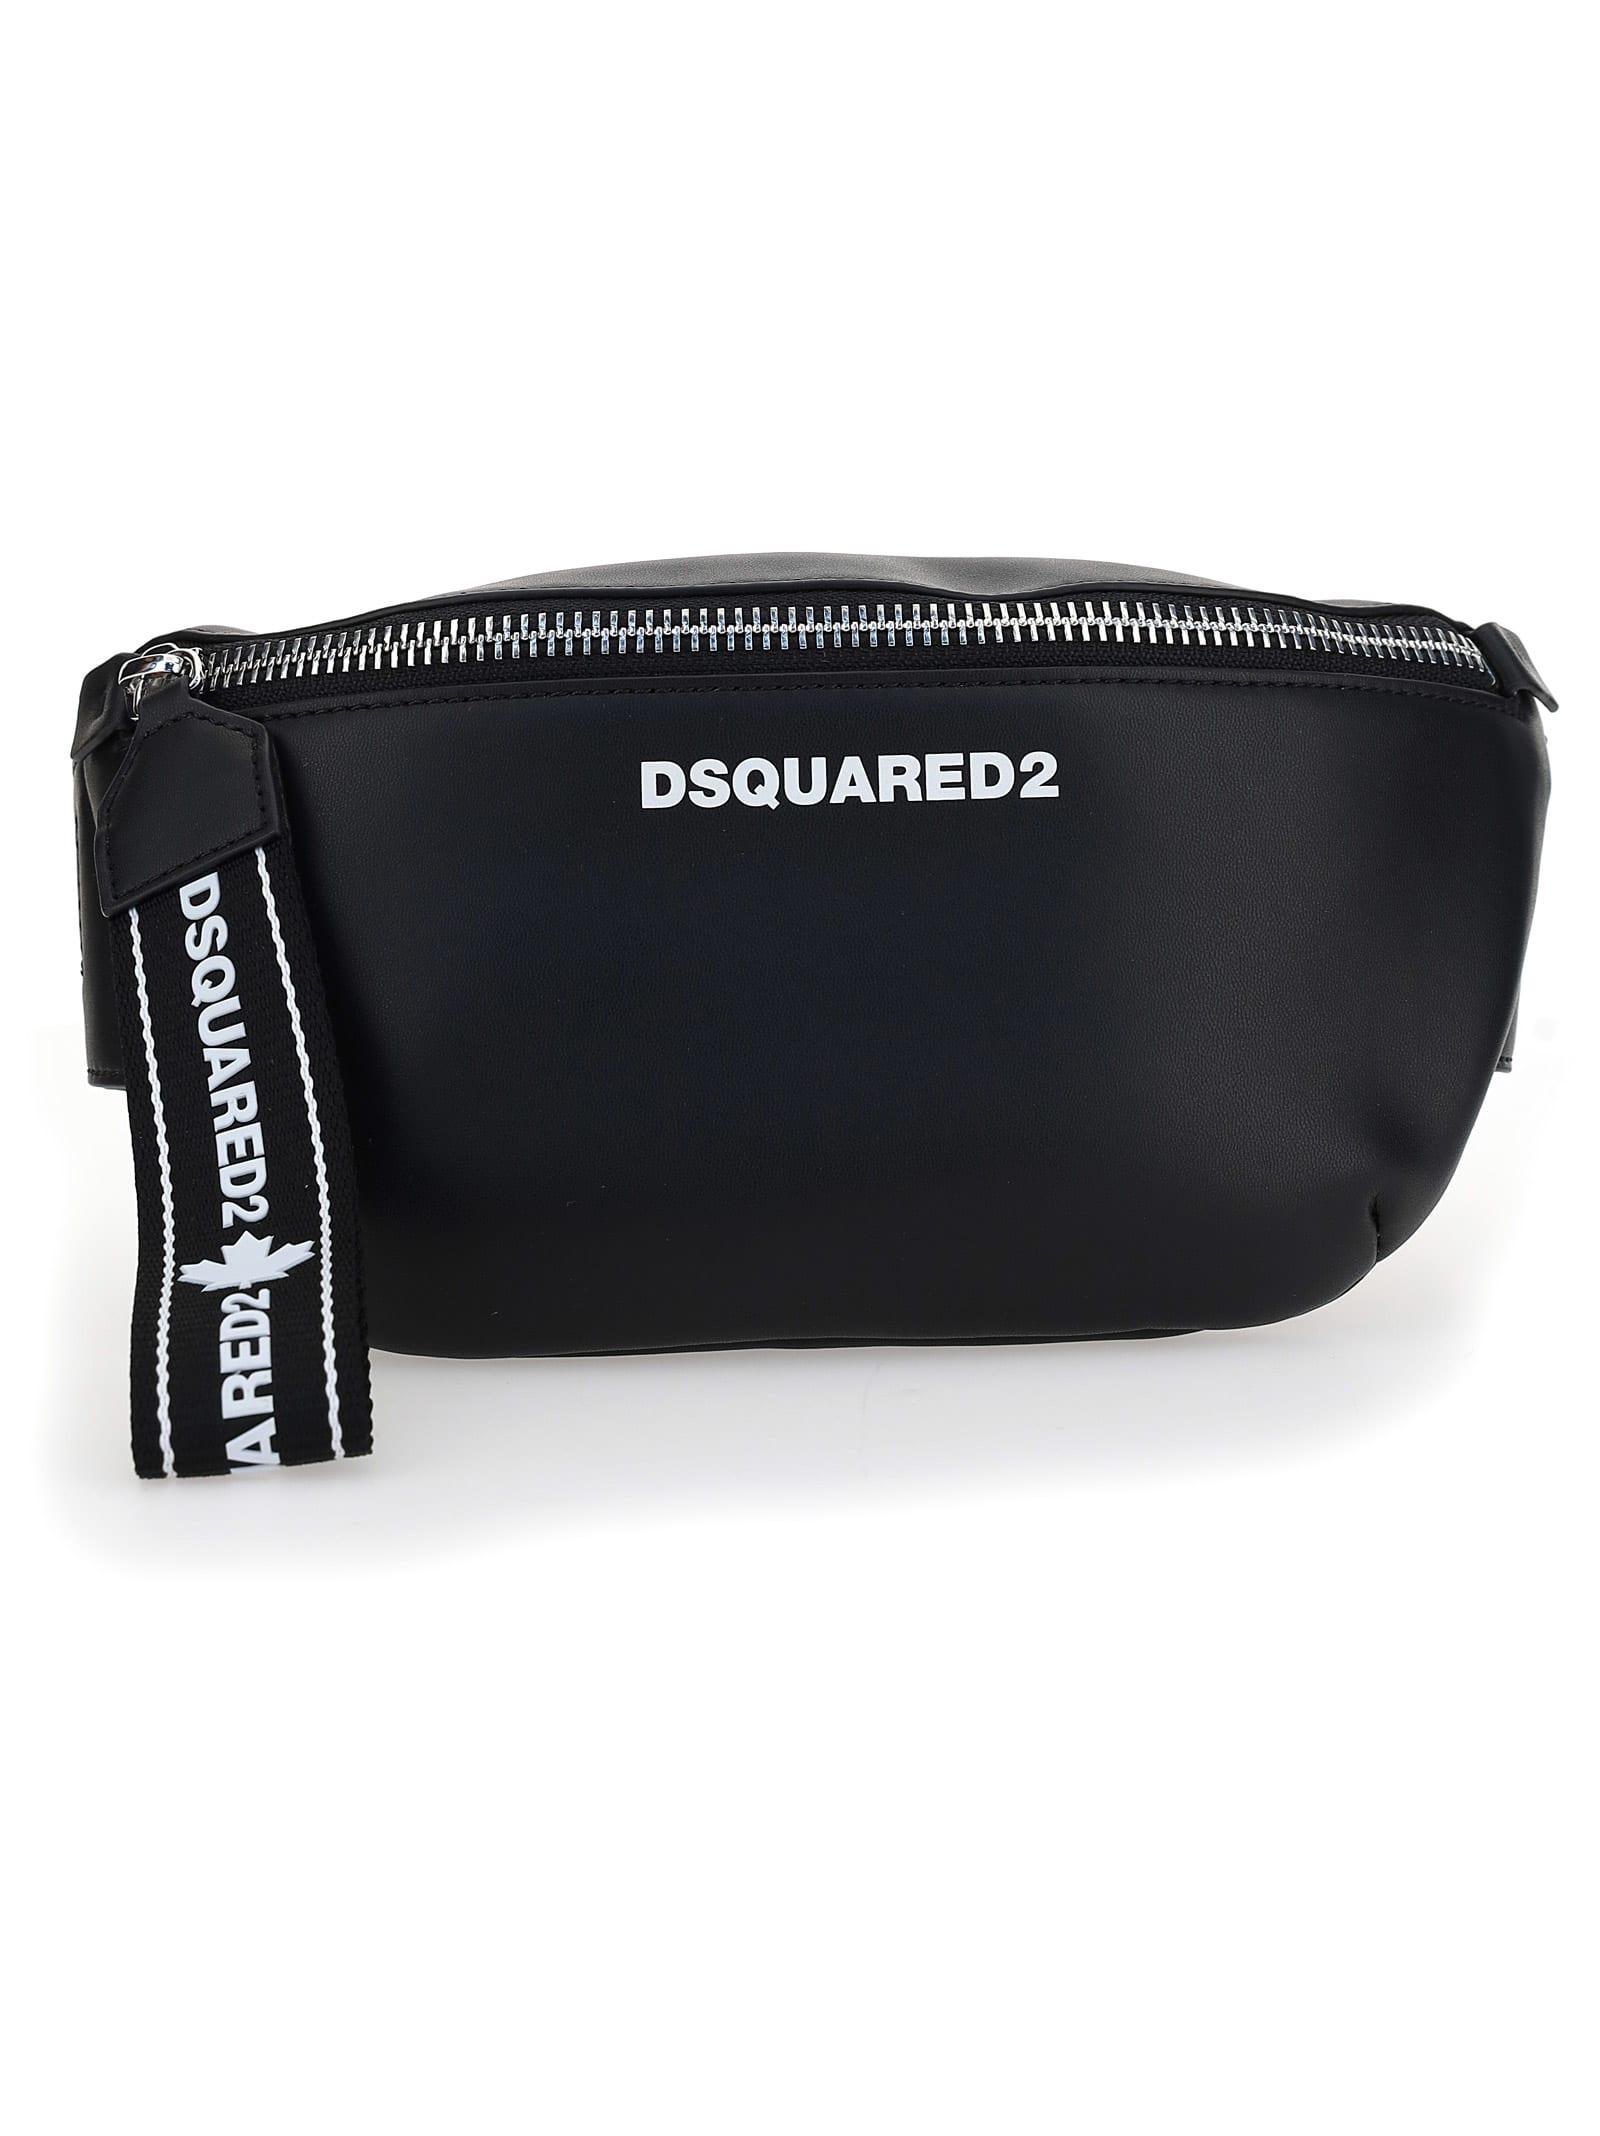 Dsquared2 BELT BAG